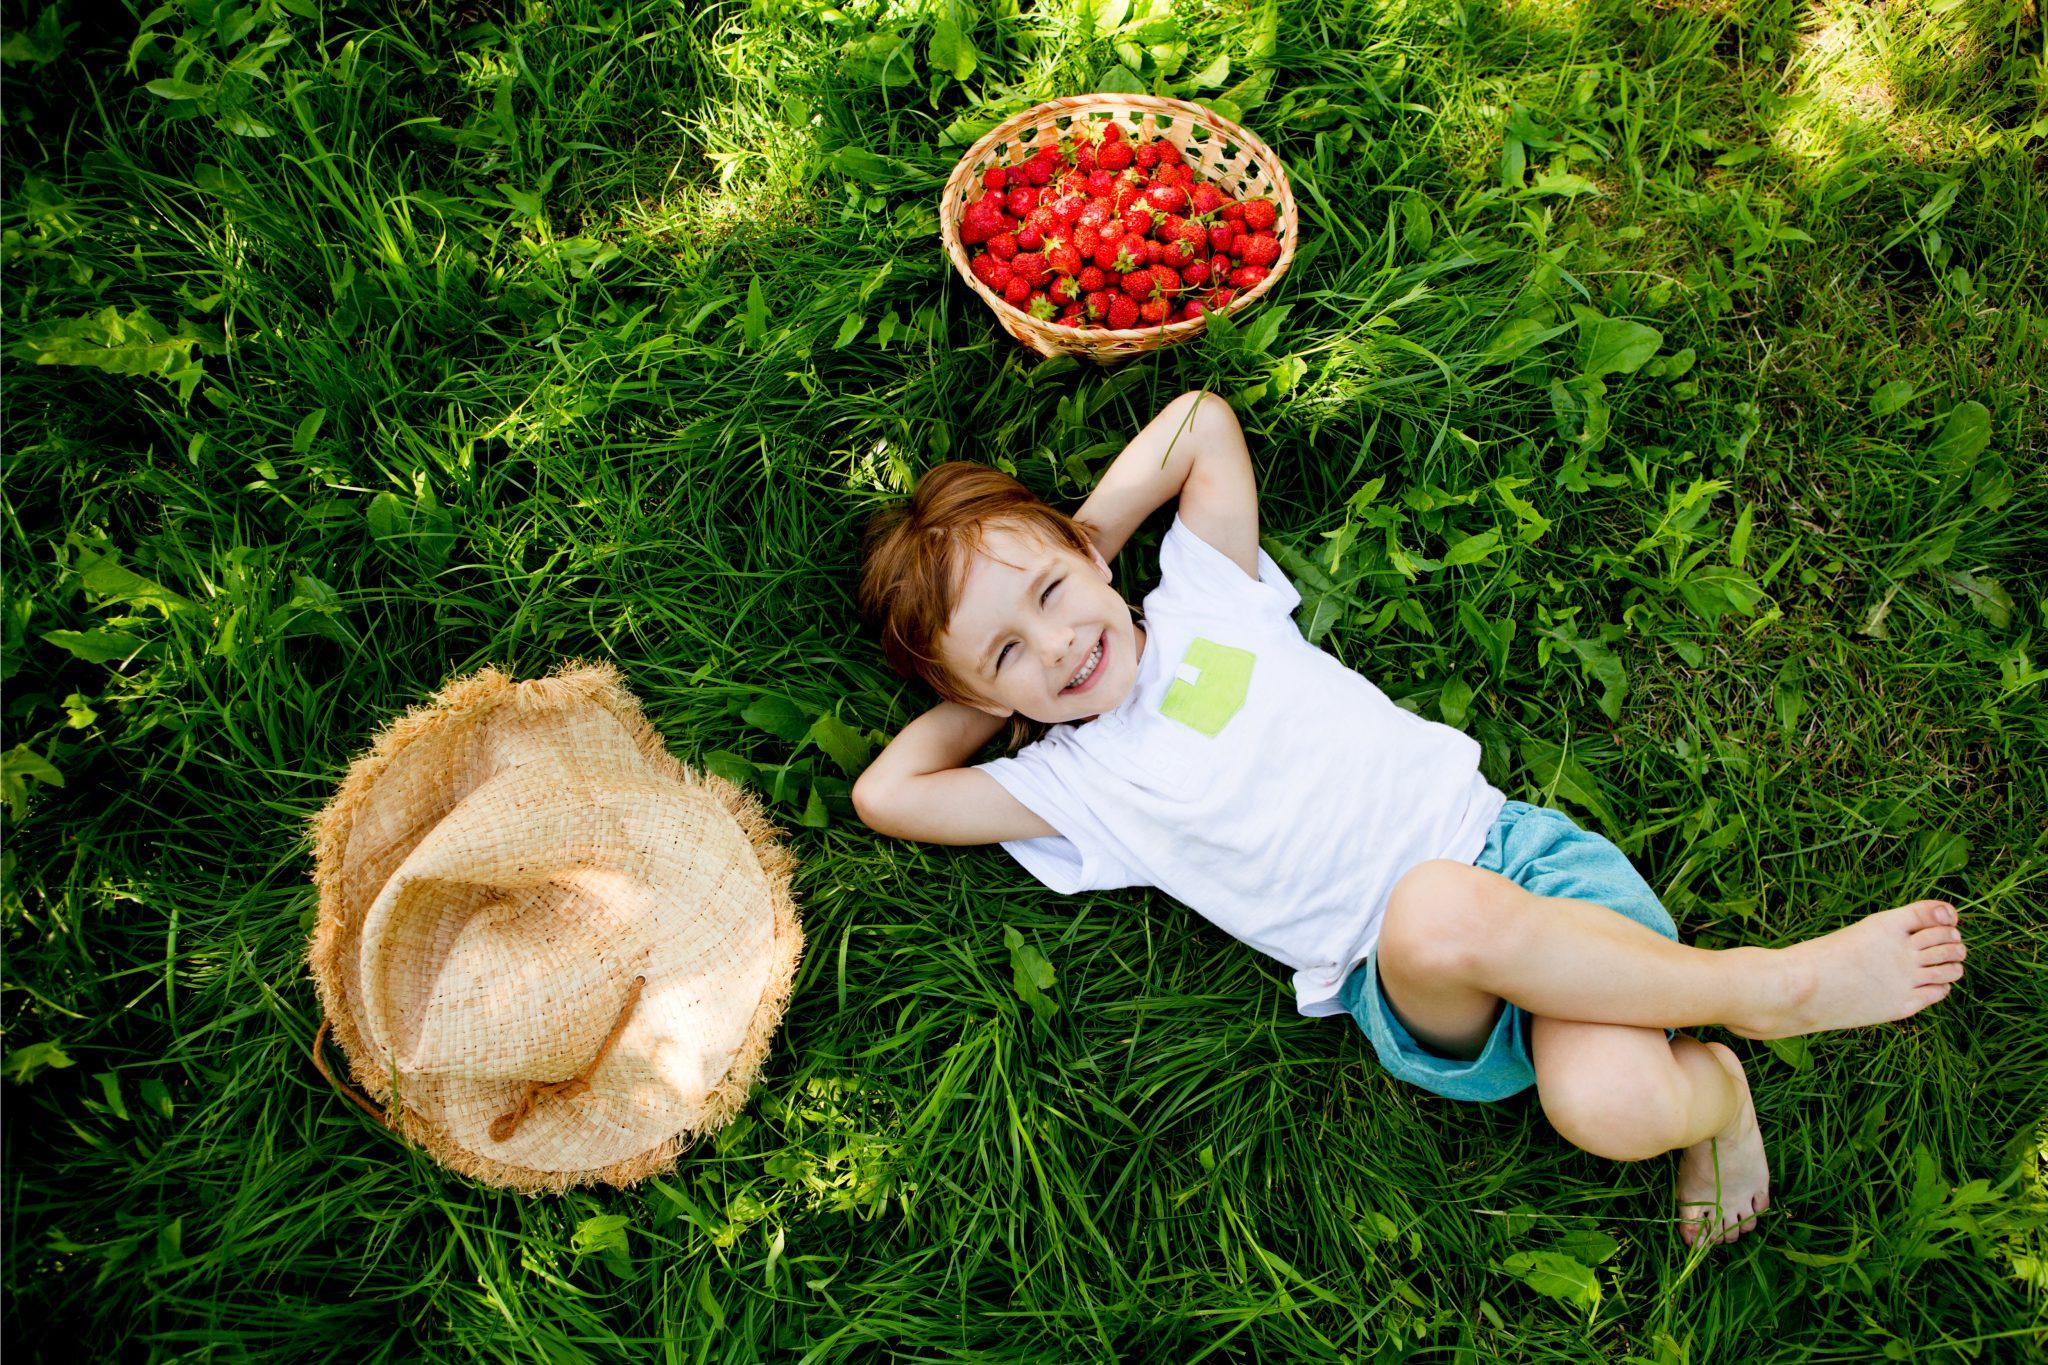 いちごを沢山食べて外で横になっている少年